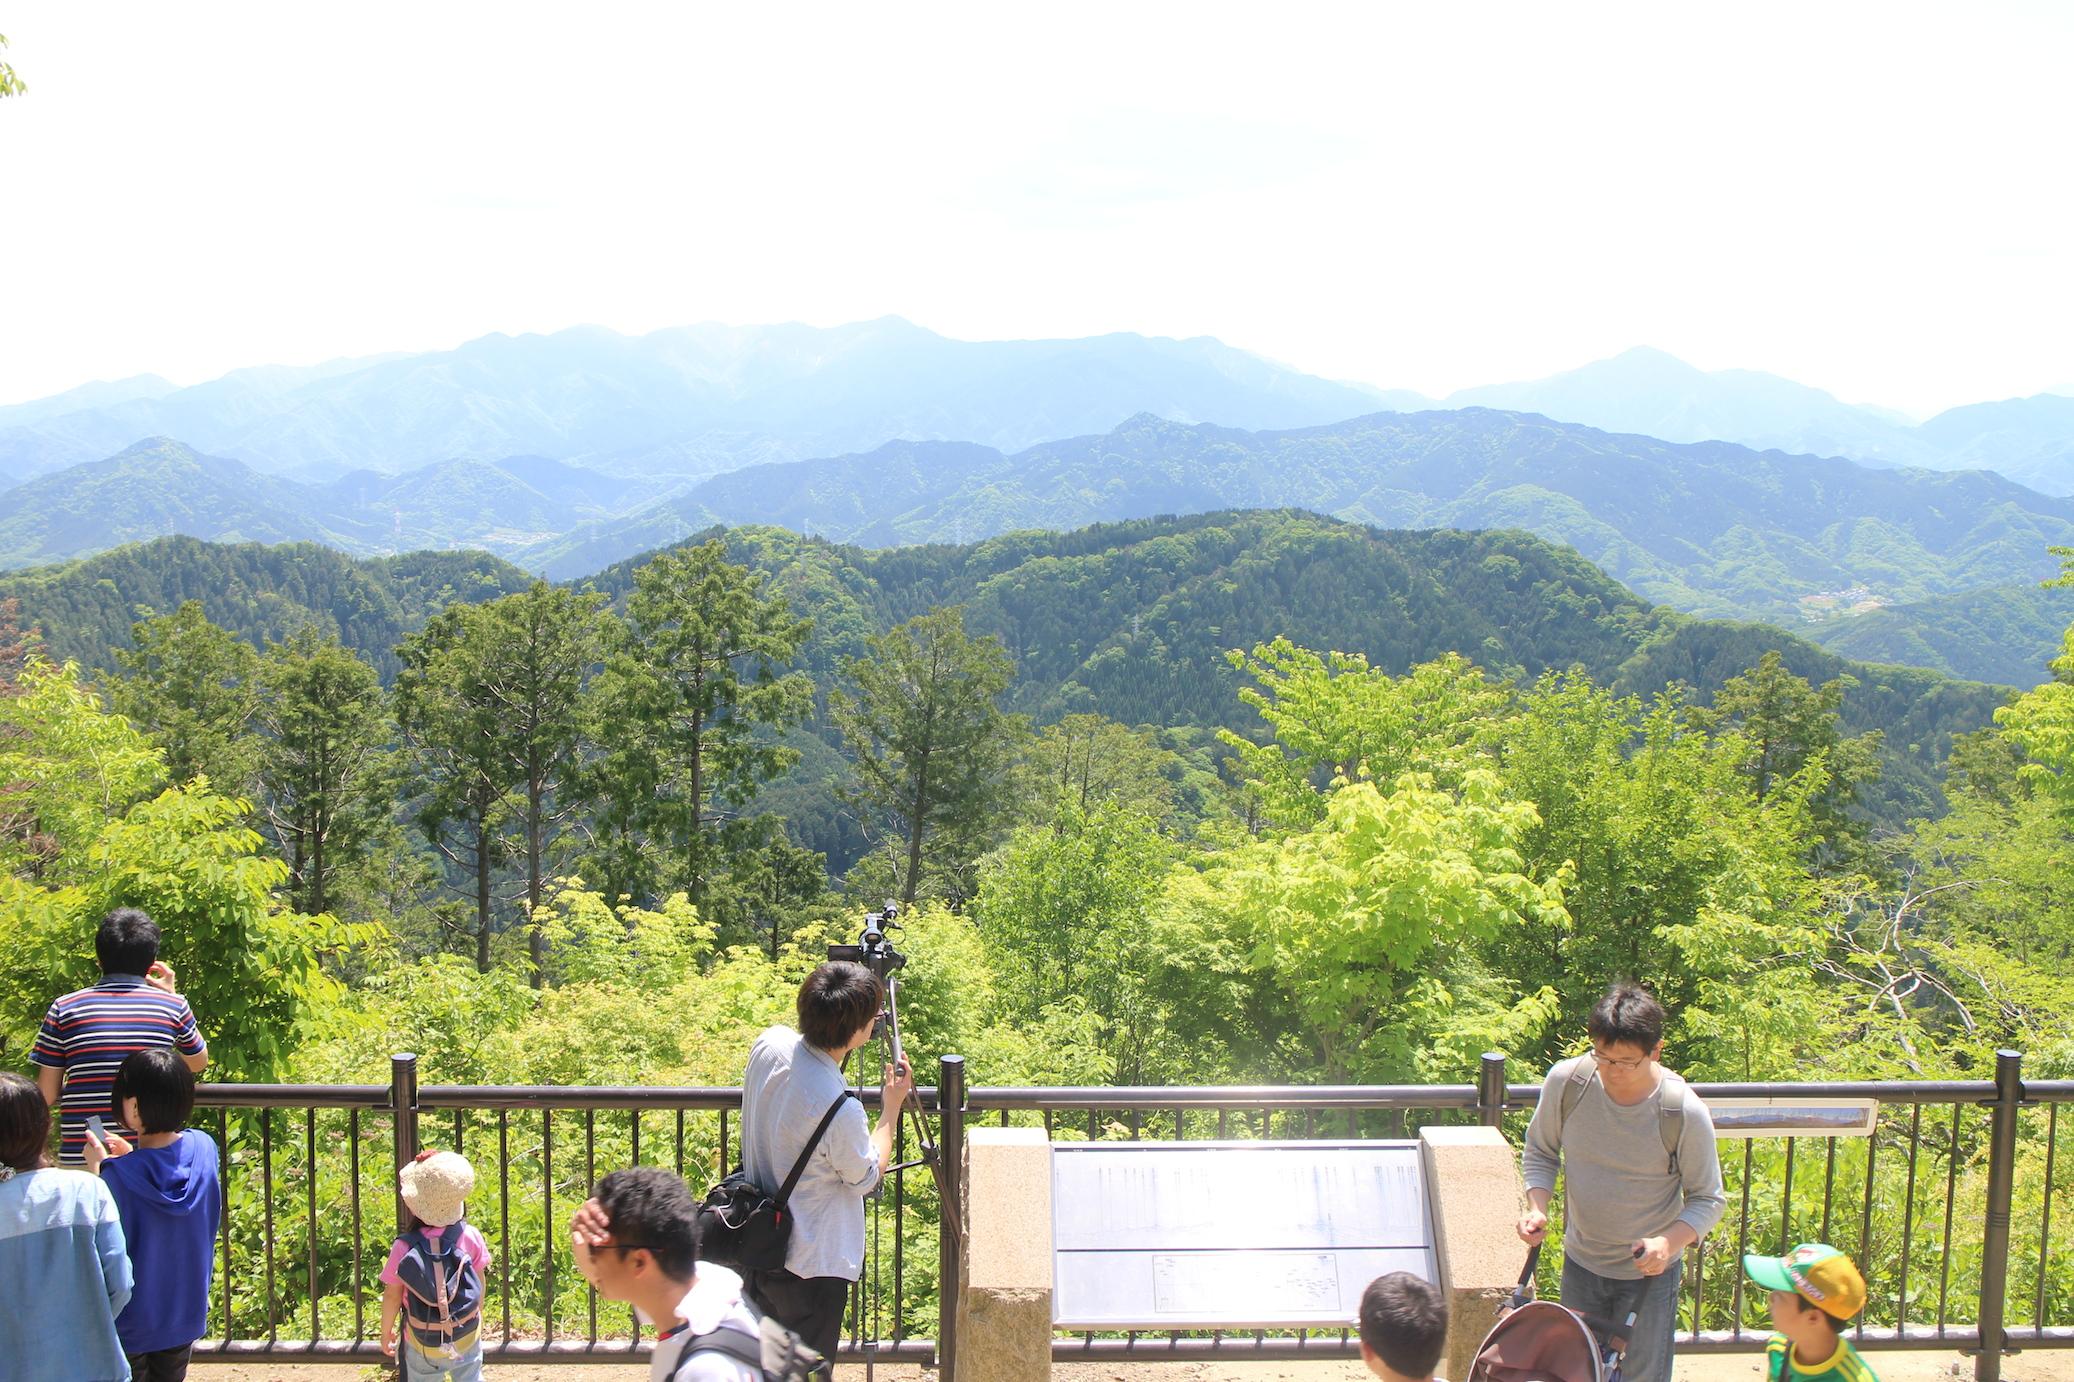 【登山写真レポート】快晴の登山日和、高尾山に登山にいきました!【登山初心者にもおすすめ】